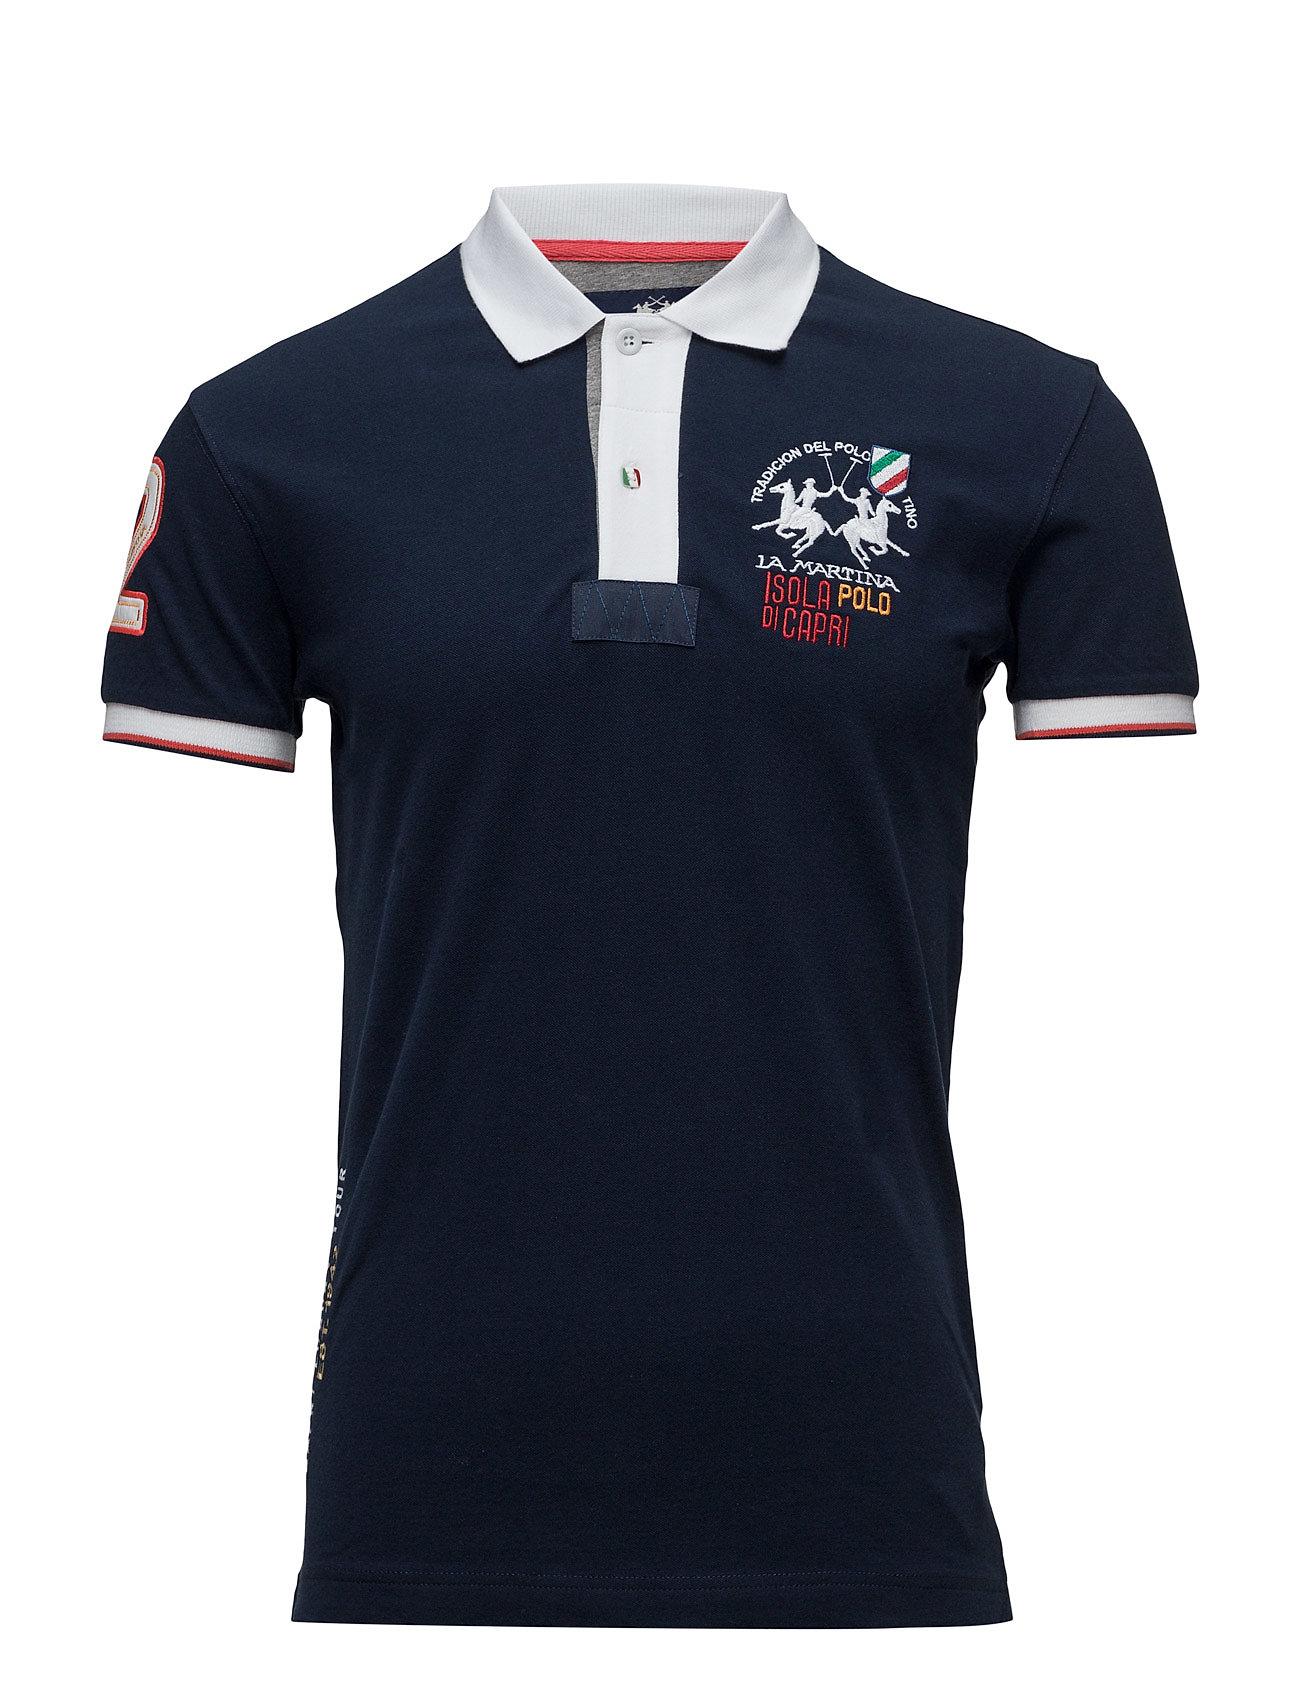 La Martina-Polos La Martina Kortærmede polo t-shirts til Herrer i Navy blå